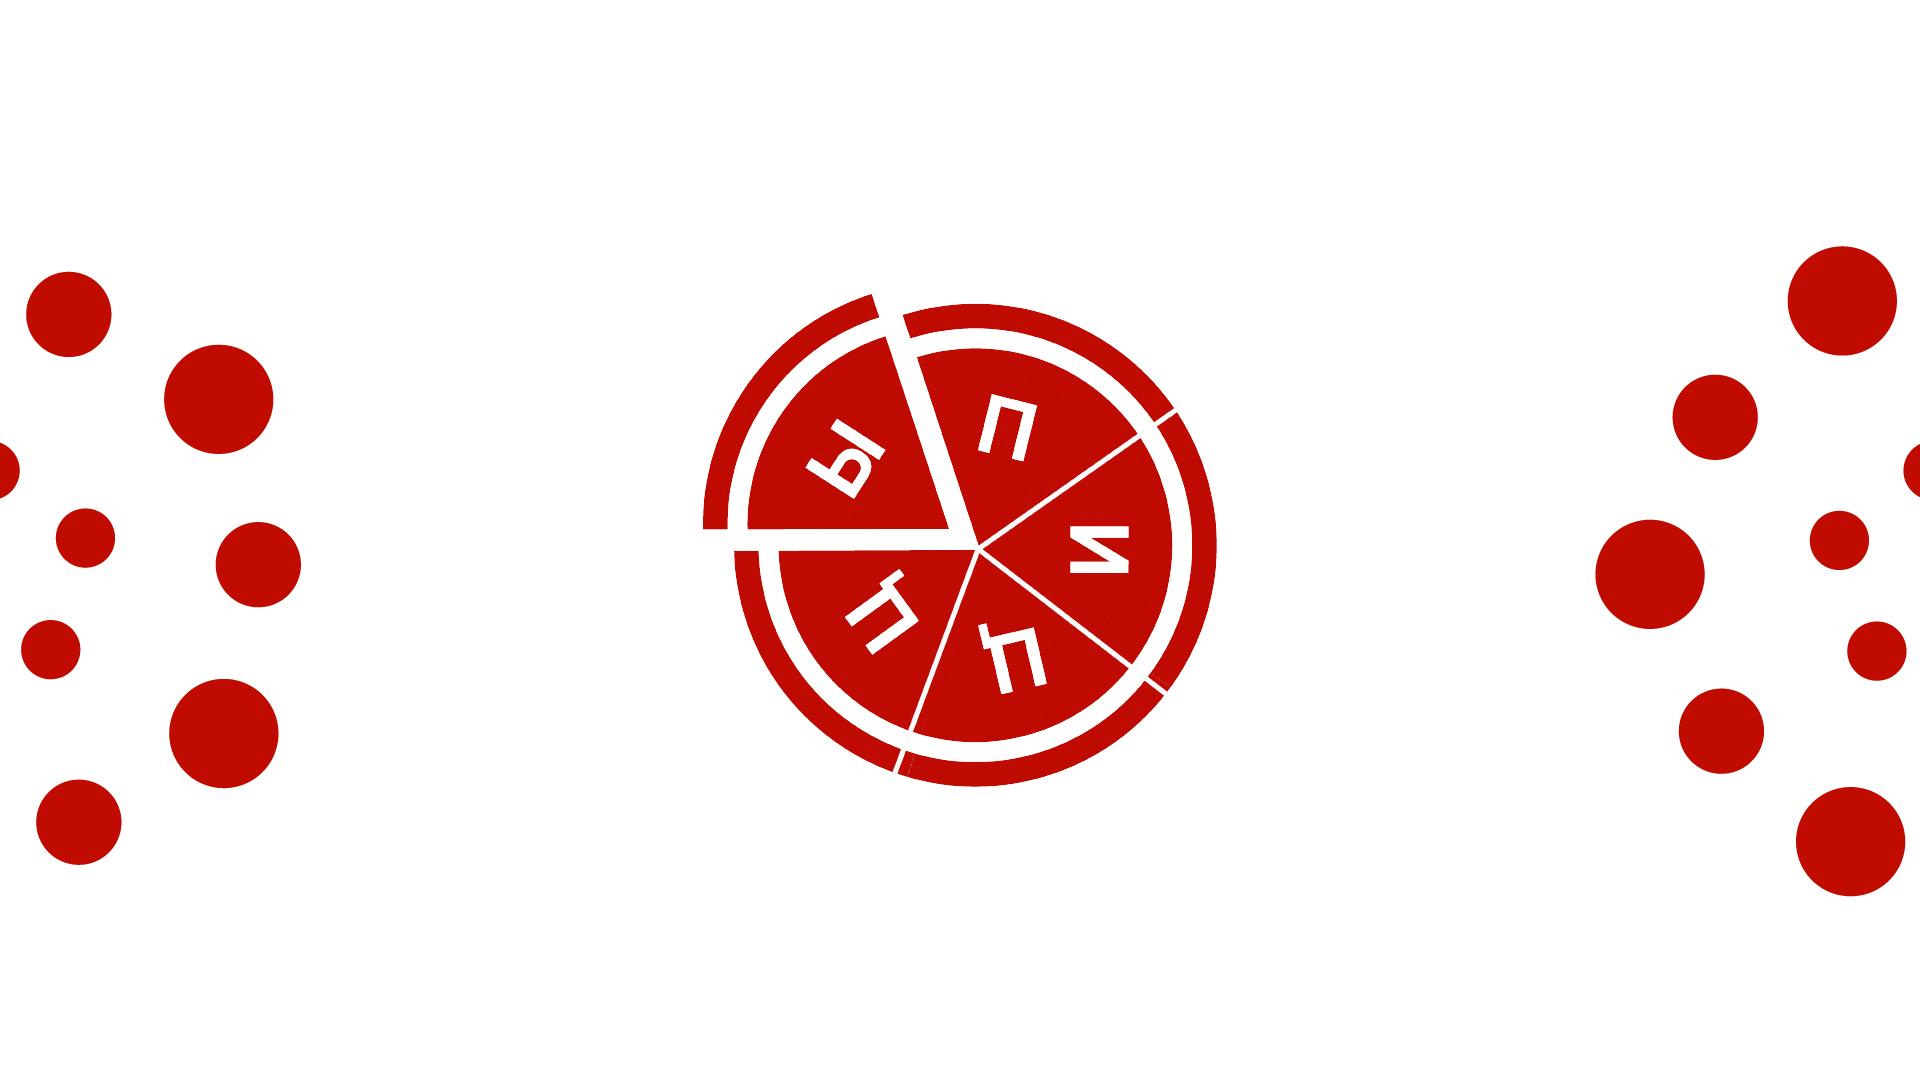 Разыскивается дизайнер для разработки лого службы доставки фото f_7425c371ff201218.png